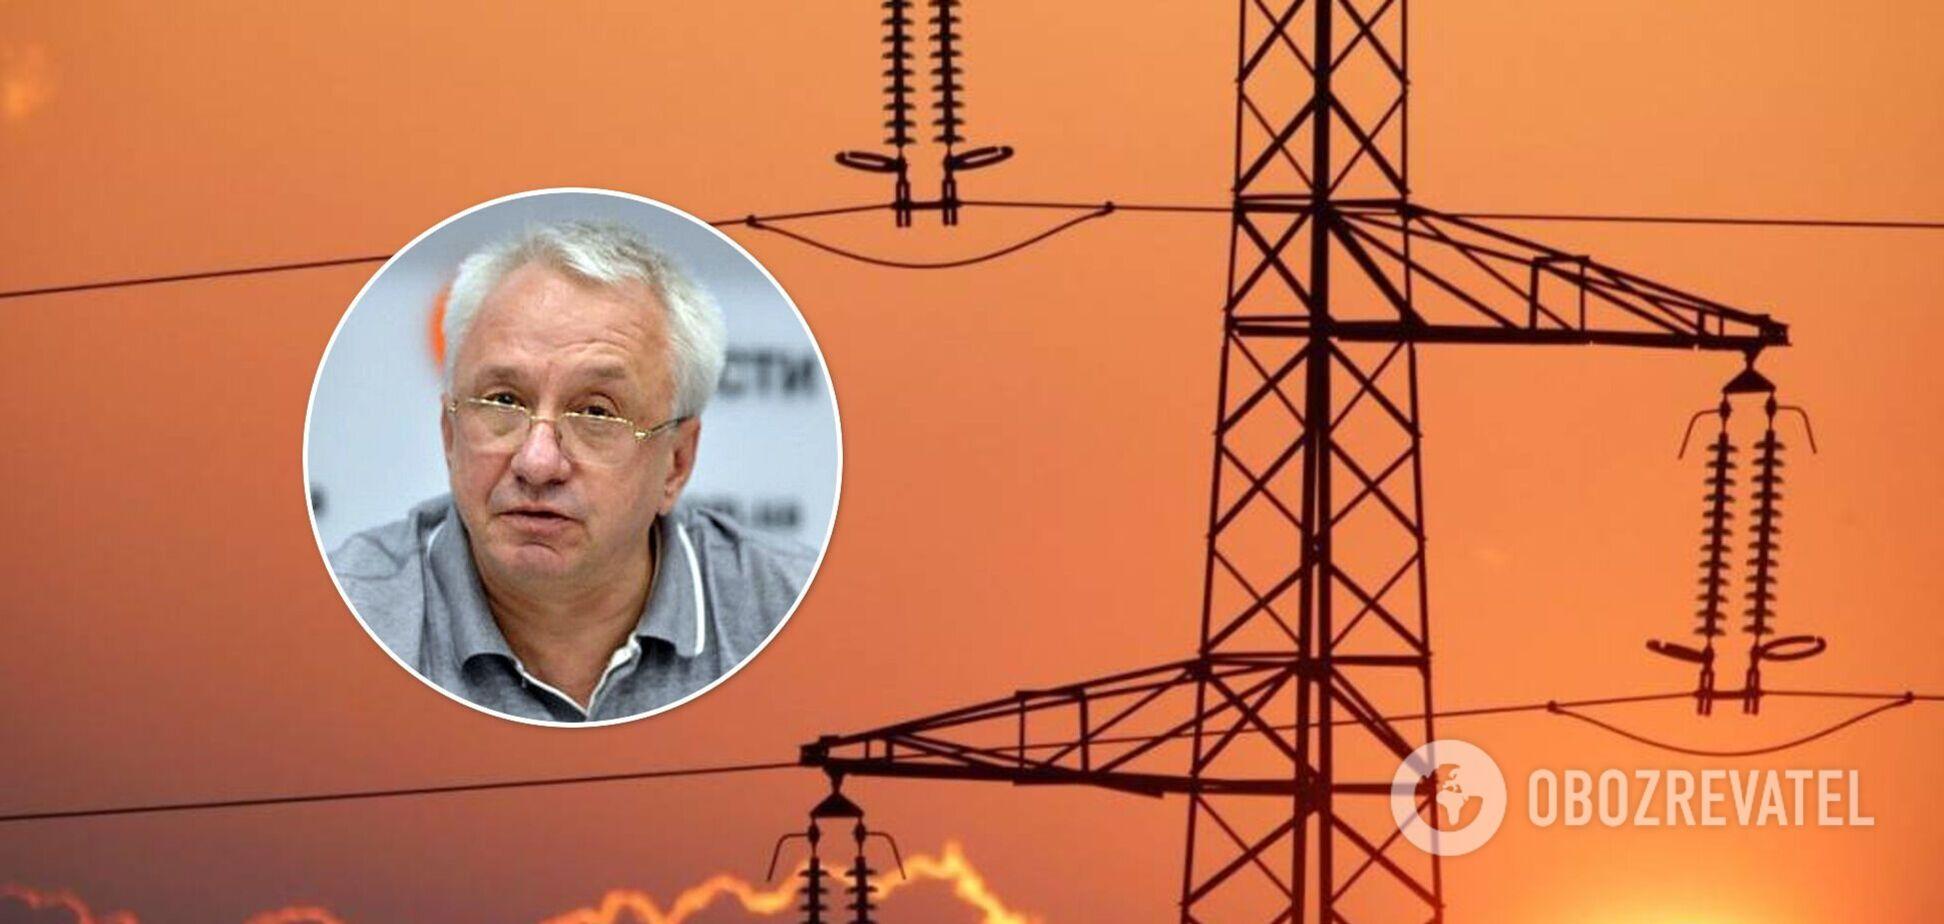 НКРЭКУ пытается сохранить сверхприбыли трейдеров на перепродаже электроэнергии АЭС, – нардеп